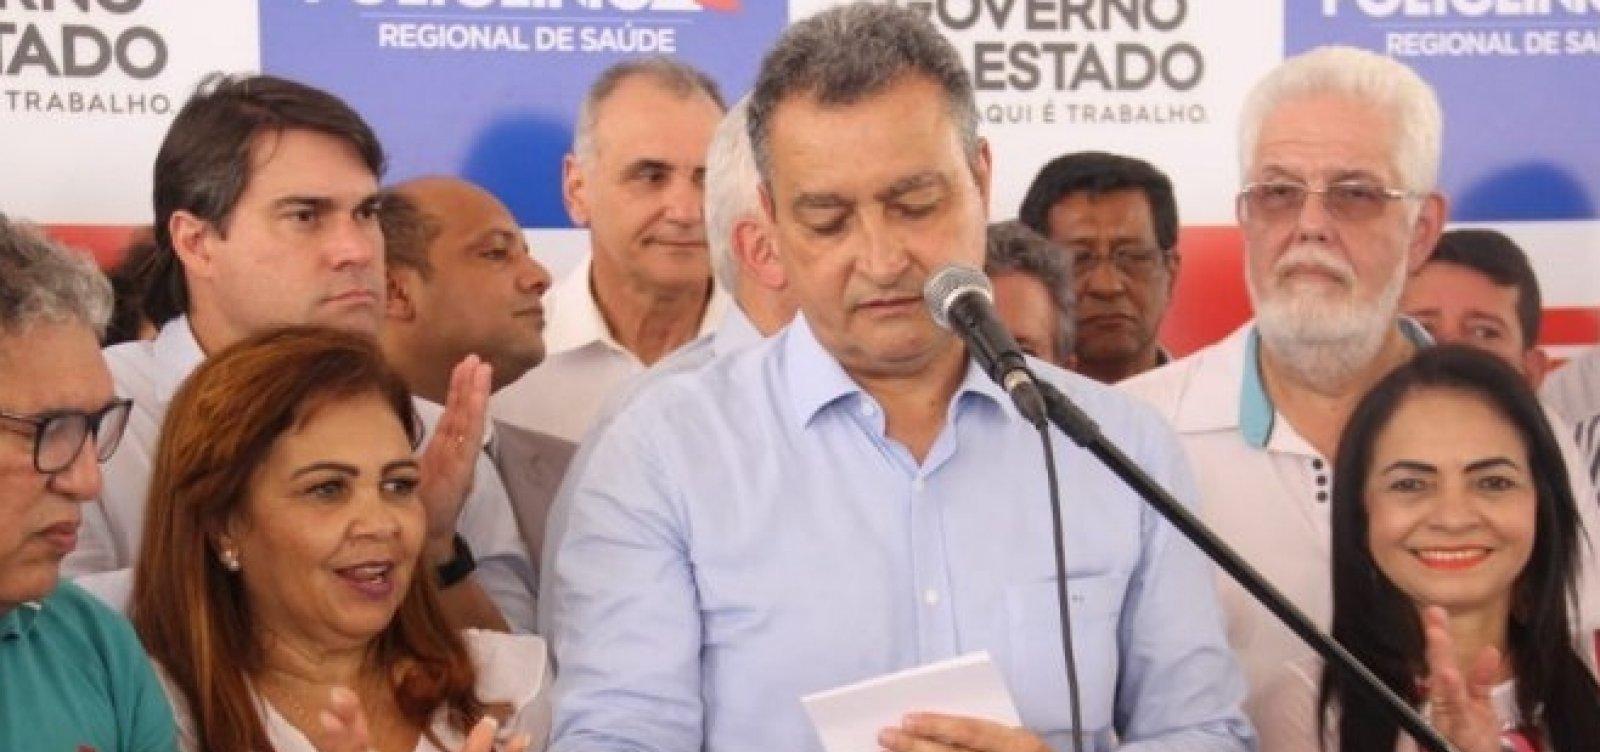 Operação Faroeste: Rui nega ter atendido pedido de desembargadora